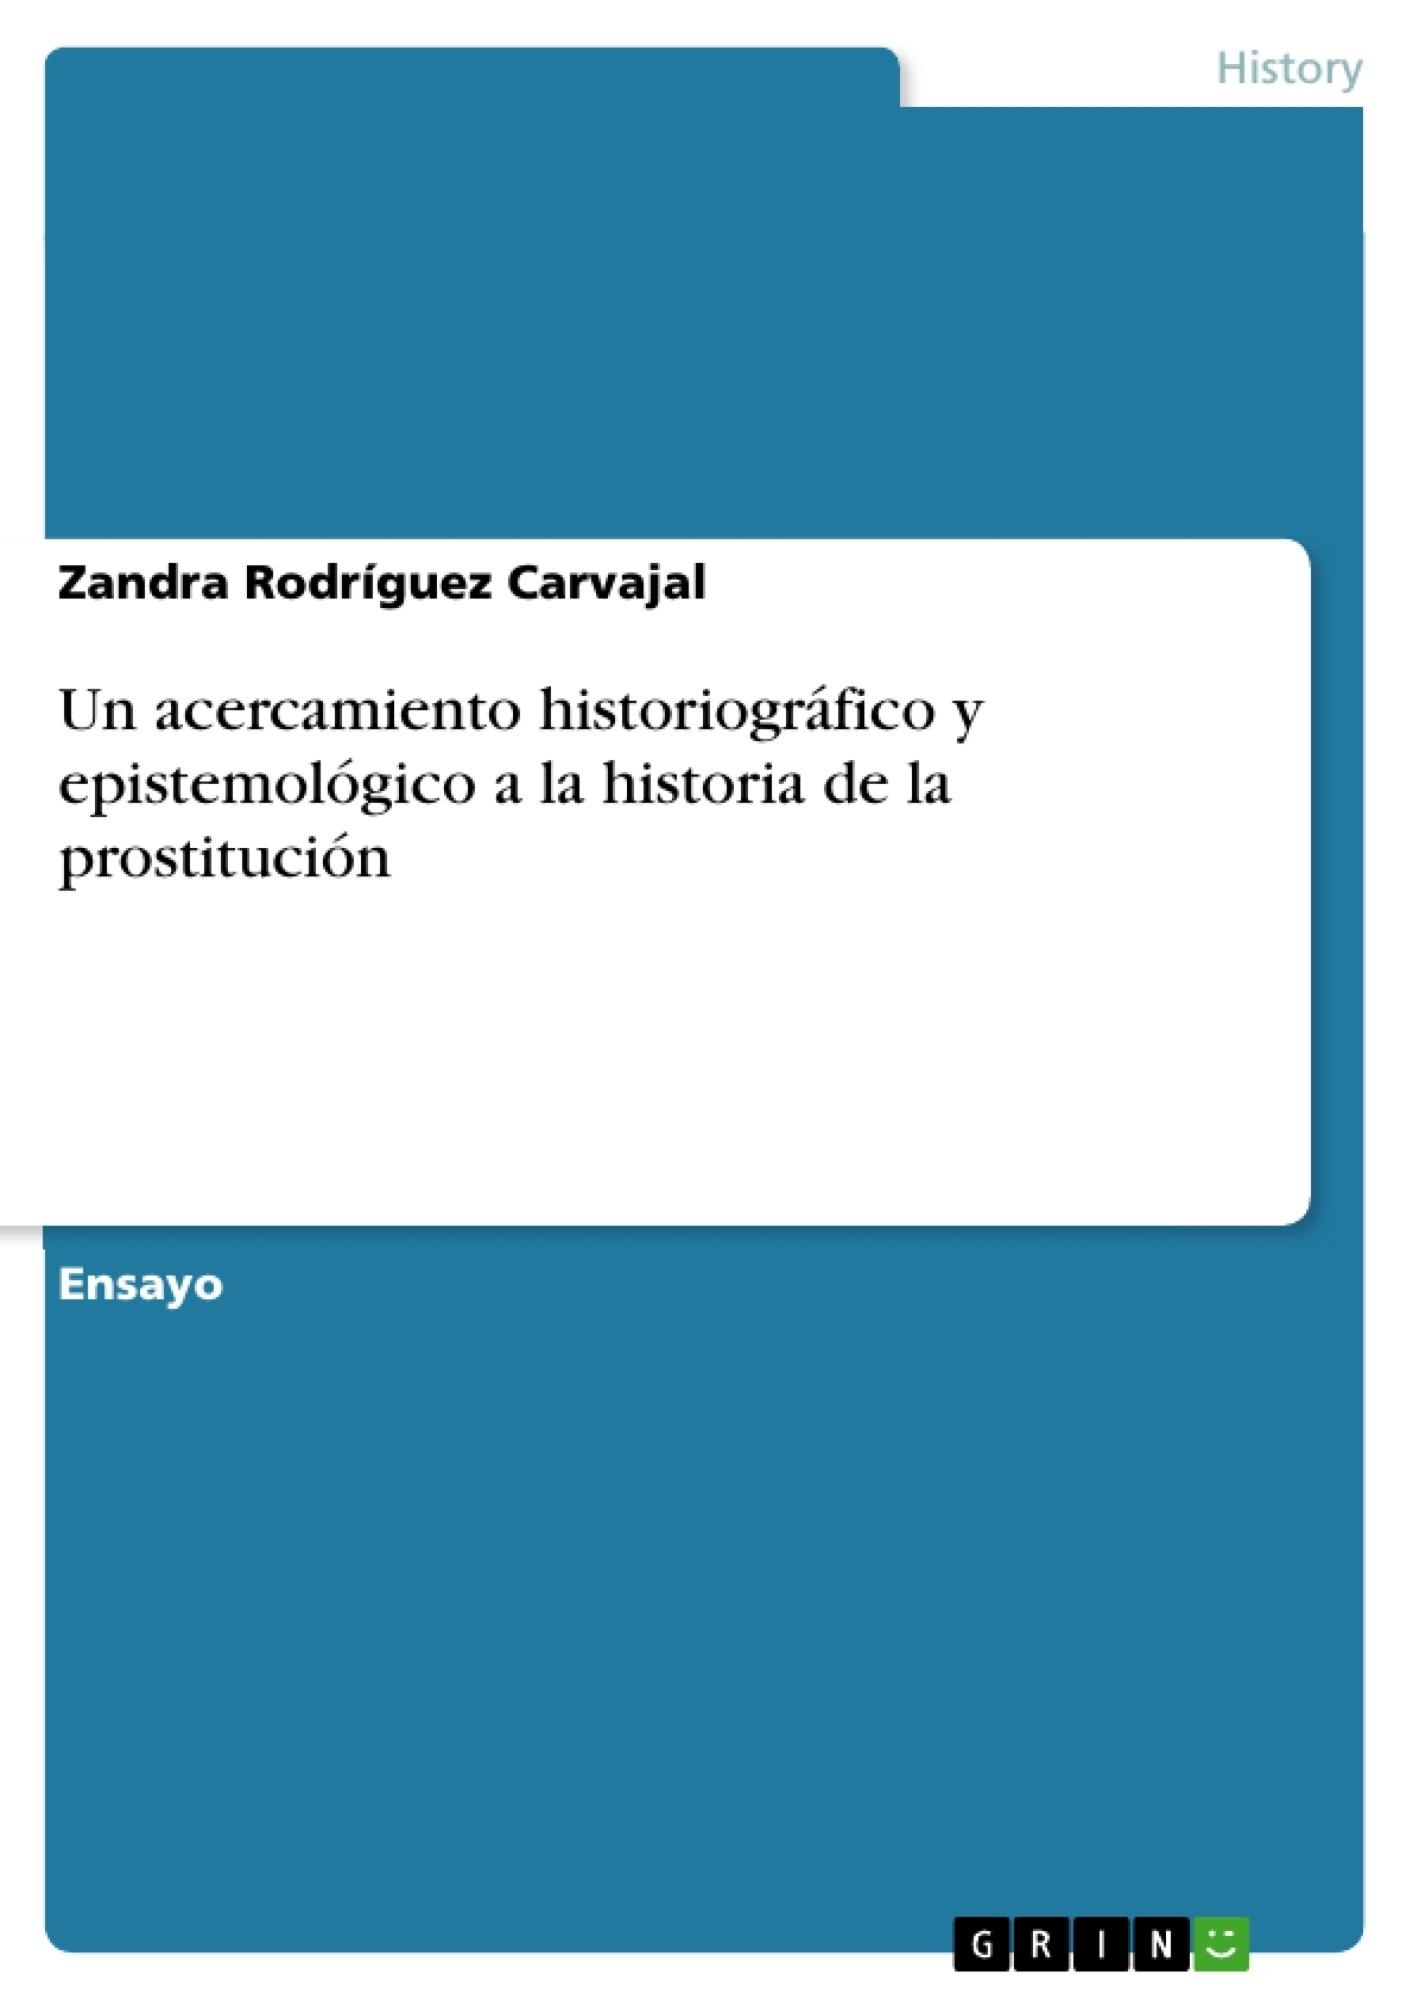 Título: Un acercamiento historiográfico y epistemológico a la historia de la prostitución